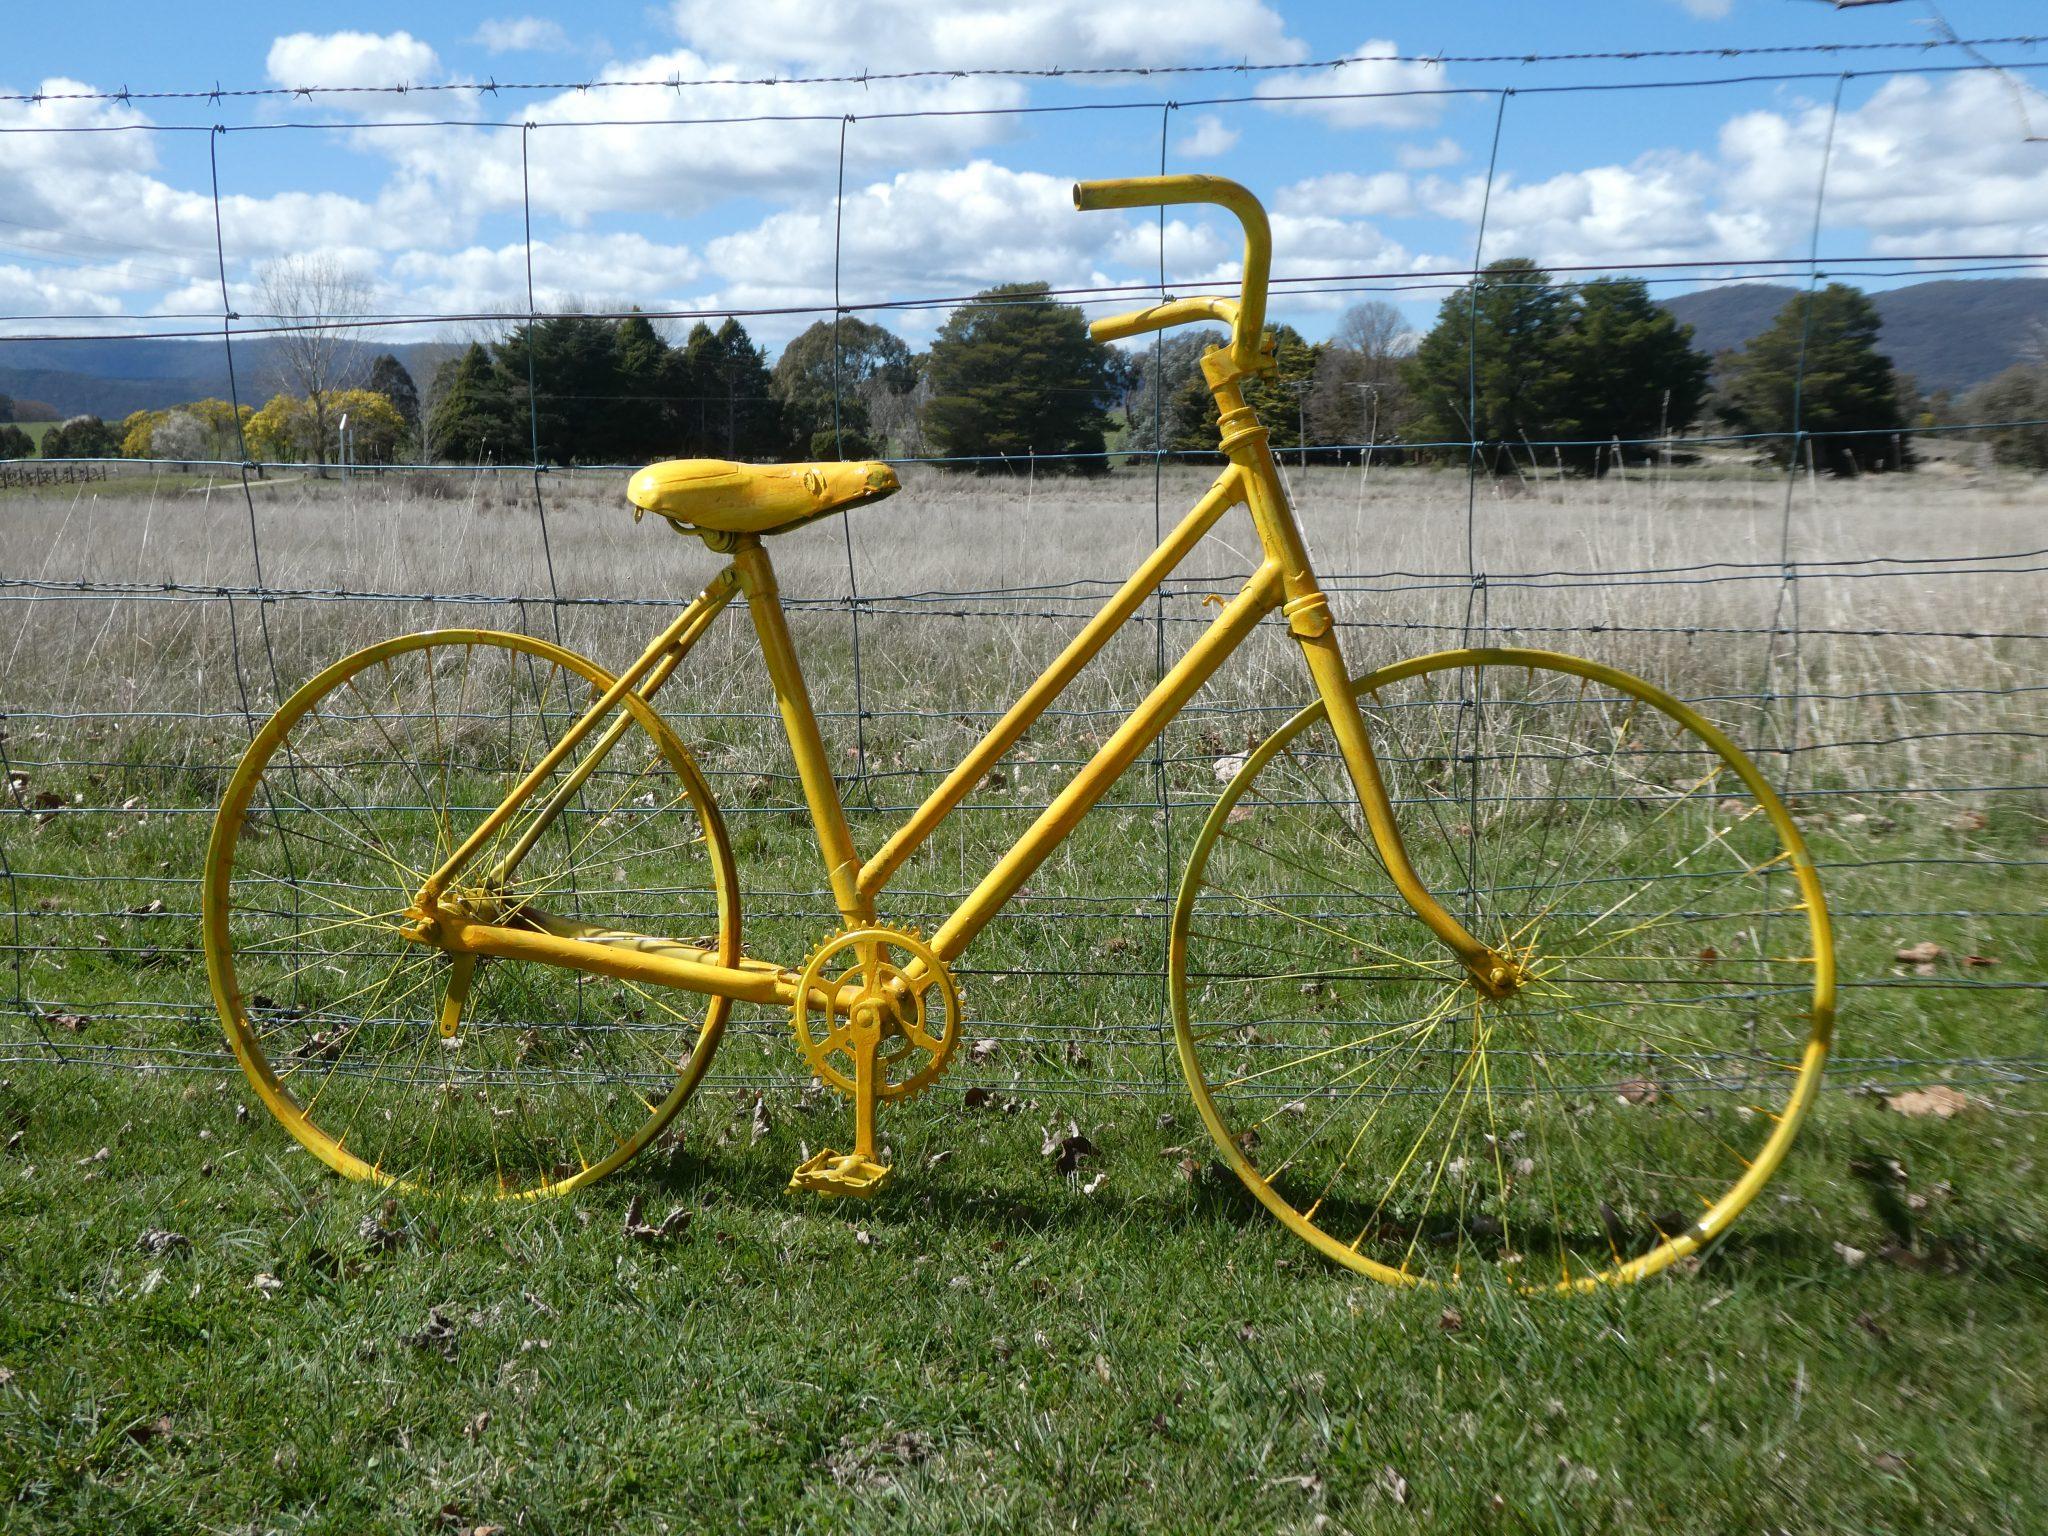 Yellow bike on fence